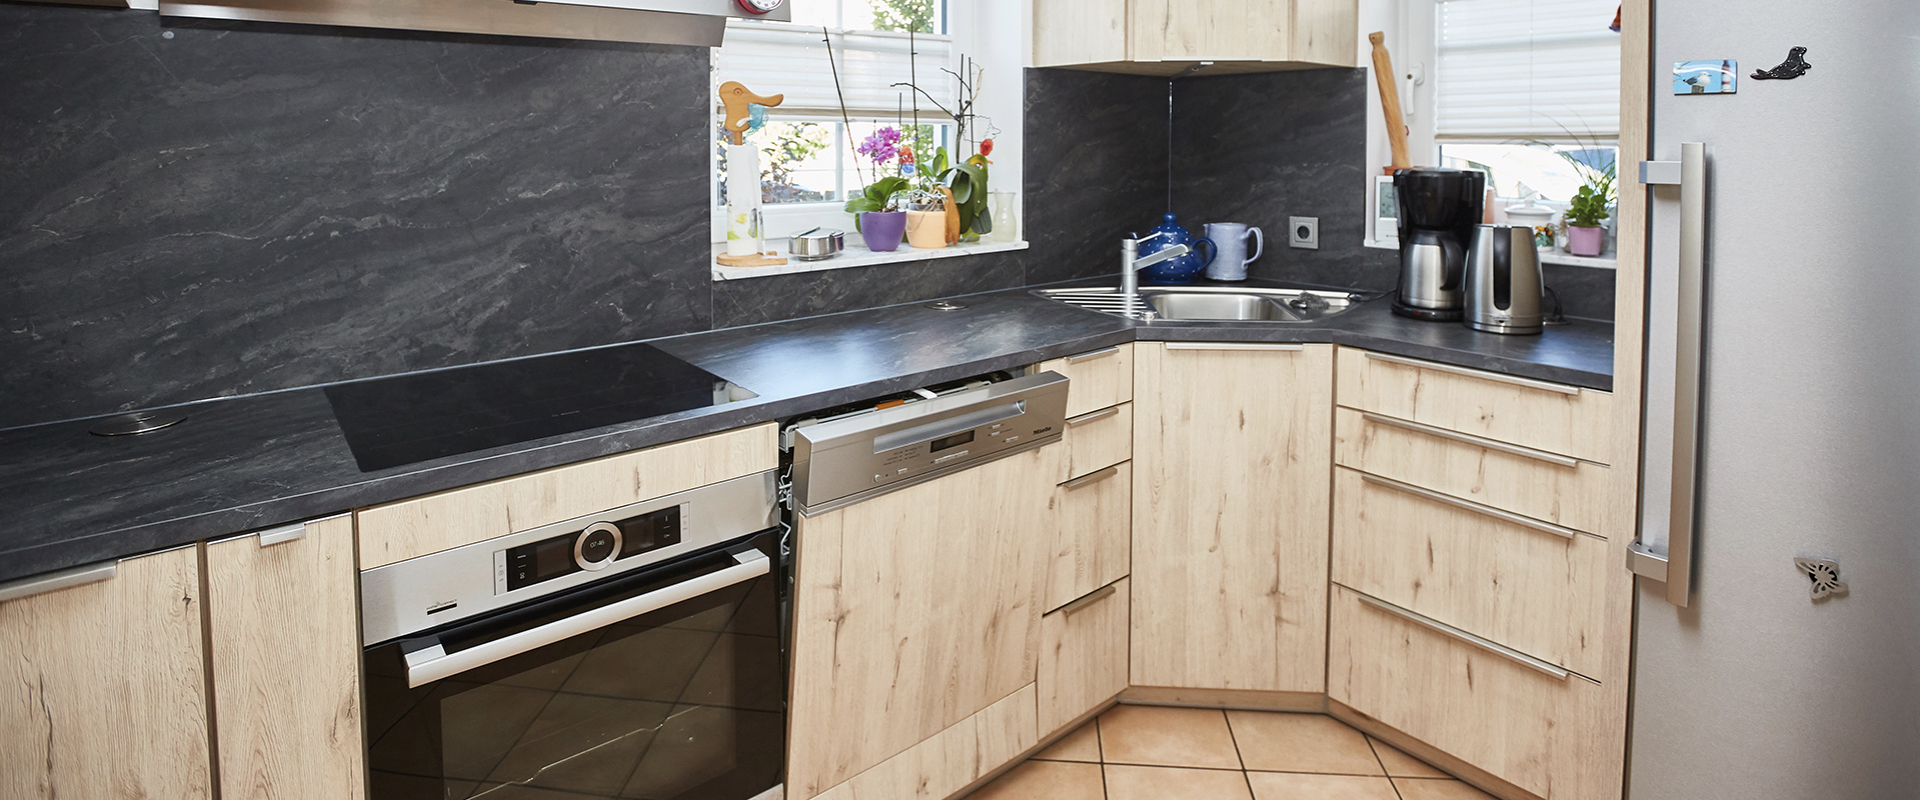 Klassische Küchen für Ihr Eigenheim | Elha Service